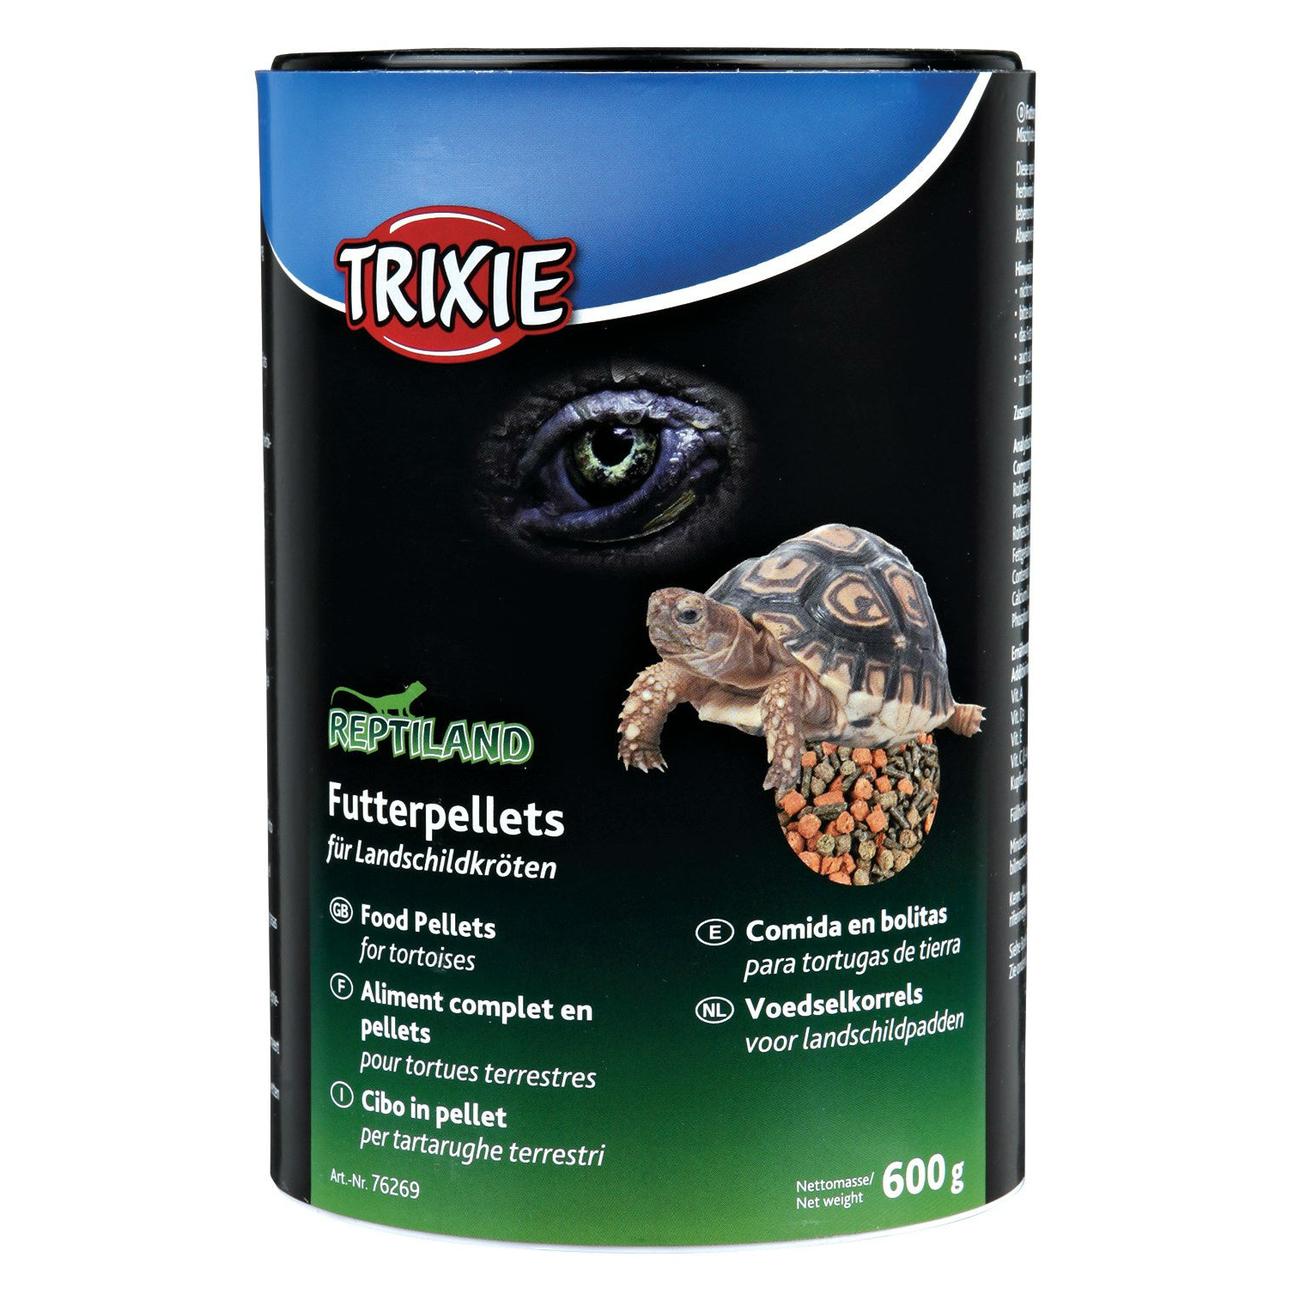 Trockenfutter für Landschildkröten Bild 2